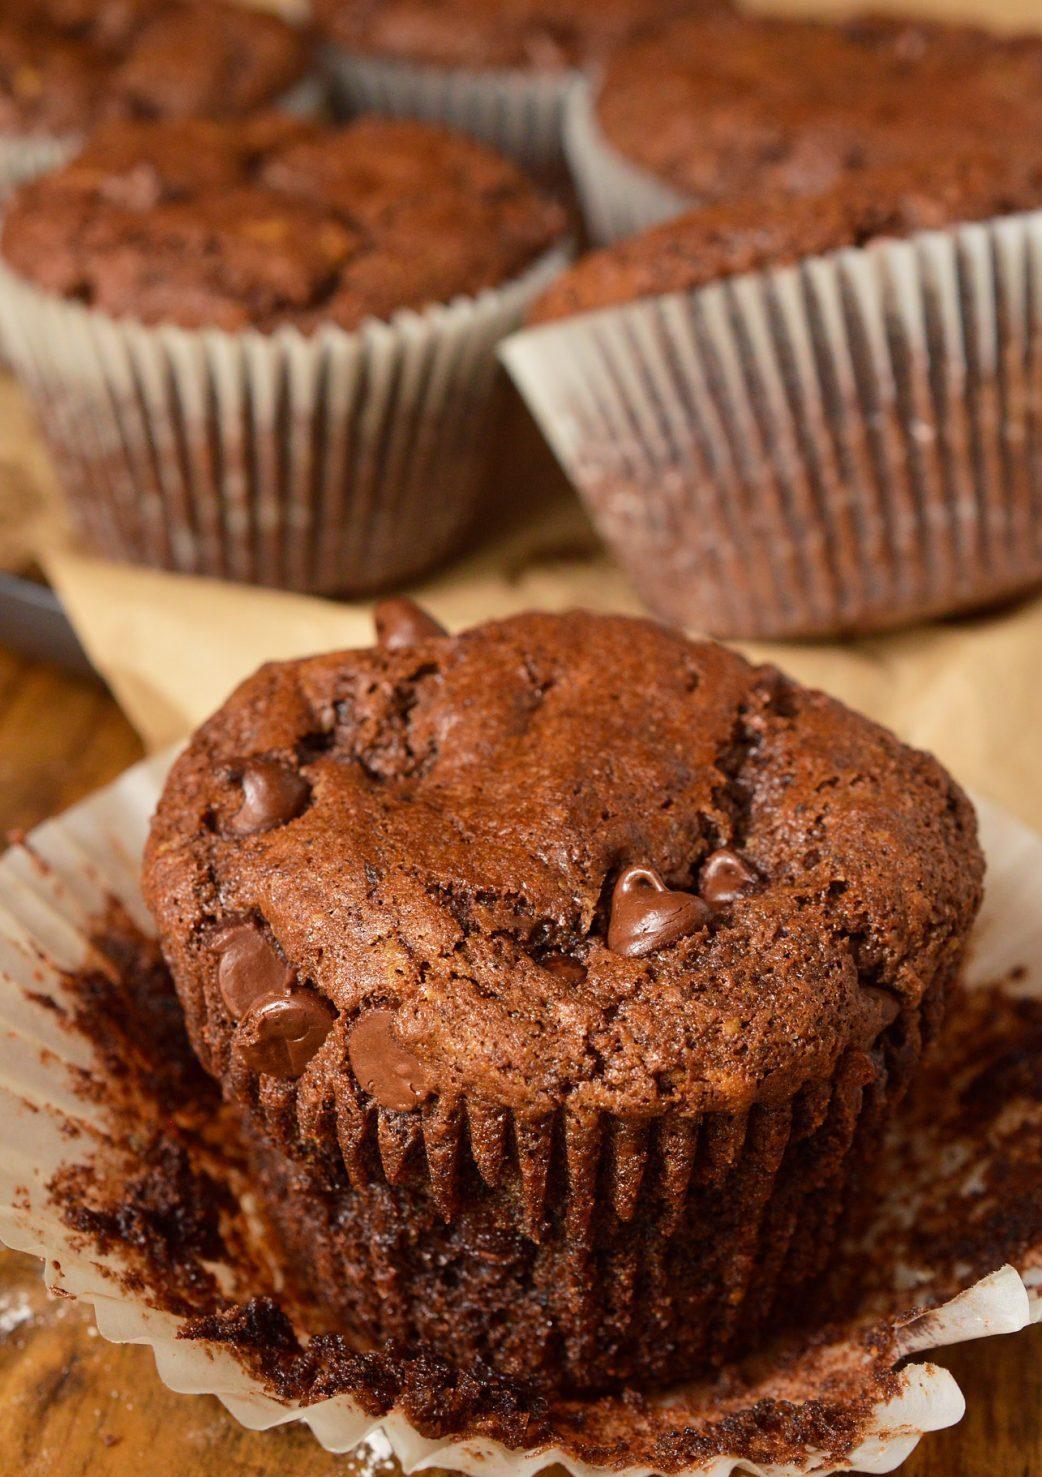 costco-chocolate-muffin-recipe-9.jpg